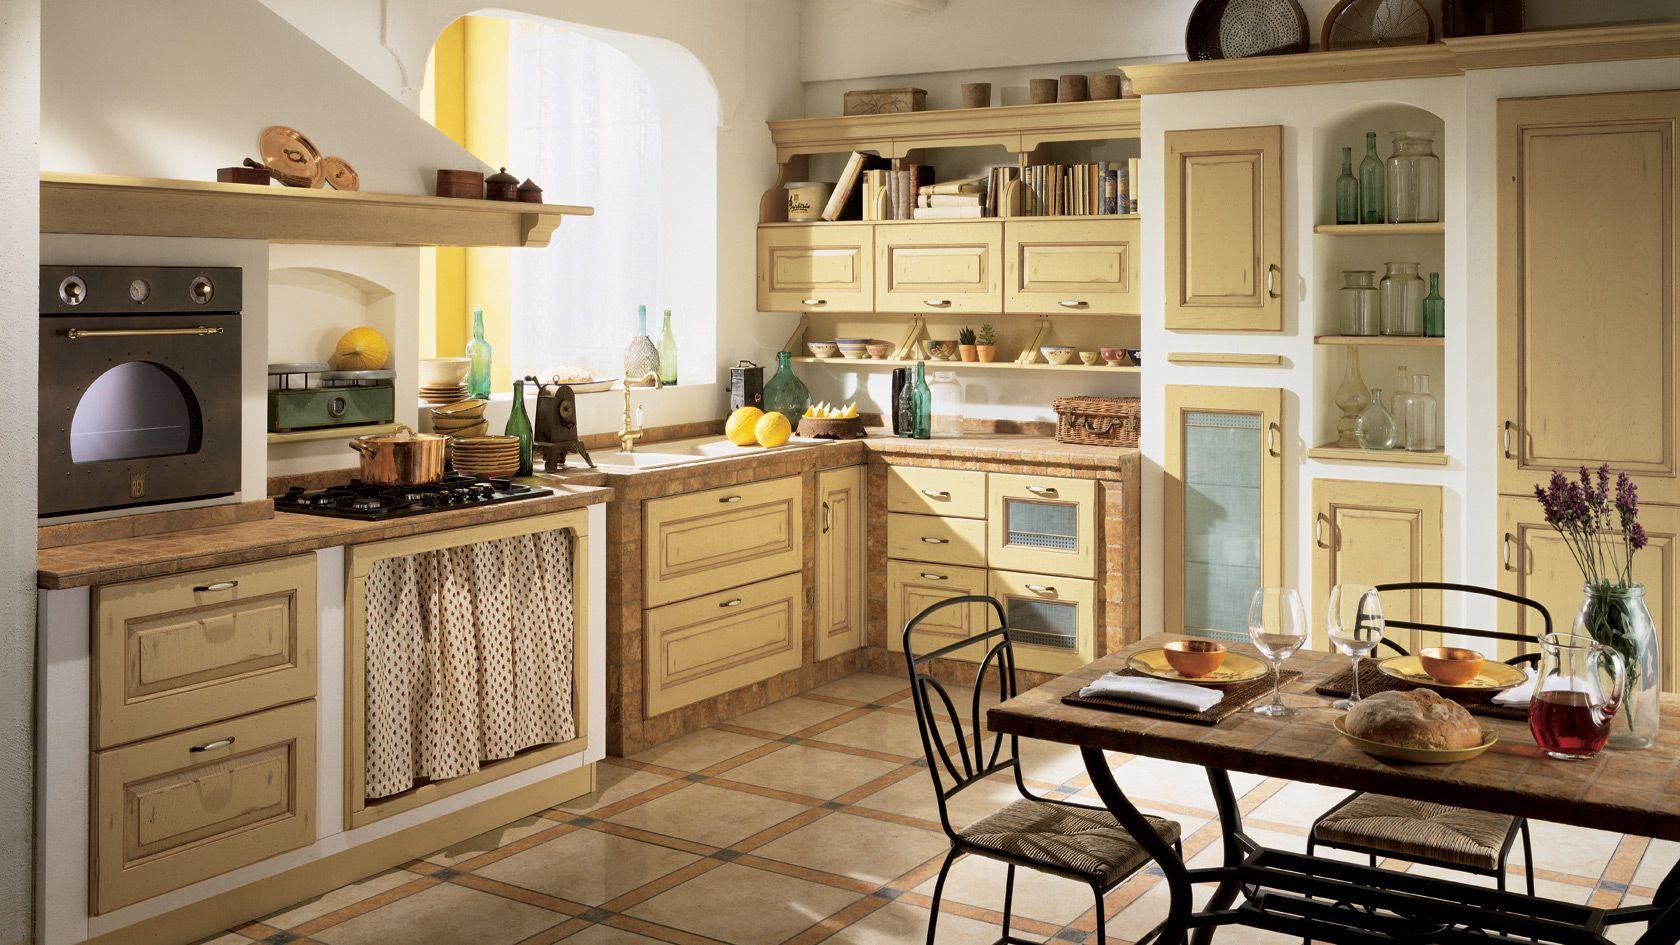 Cucina tradizionale Belvedere | Sito ufficiale Scavolini | Cucina ...